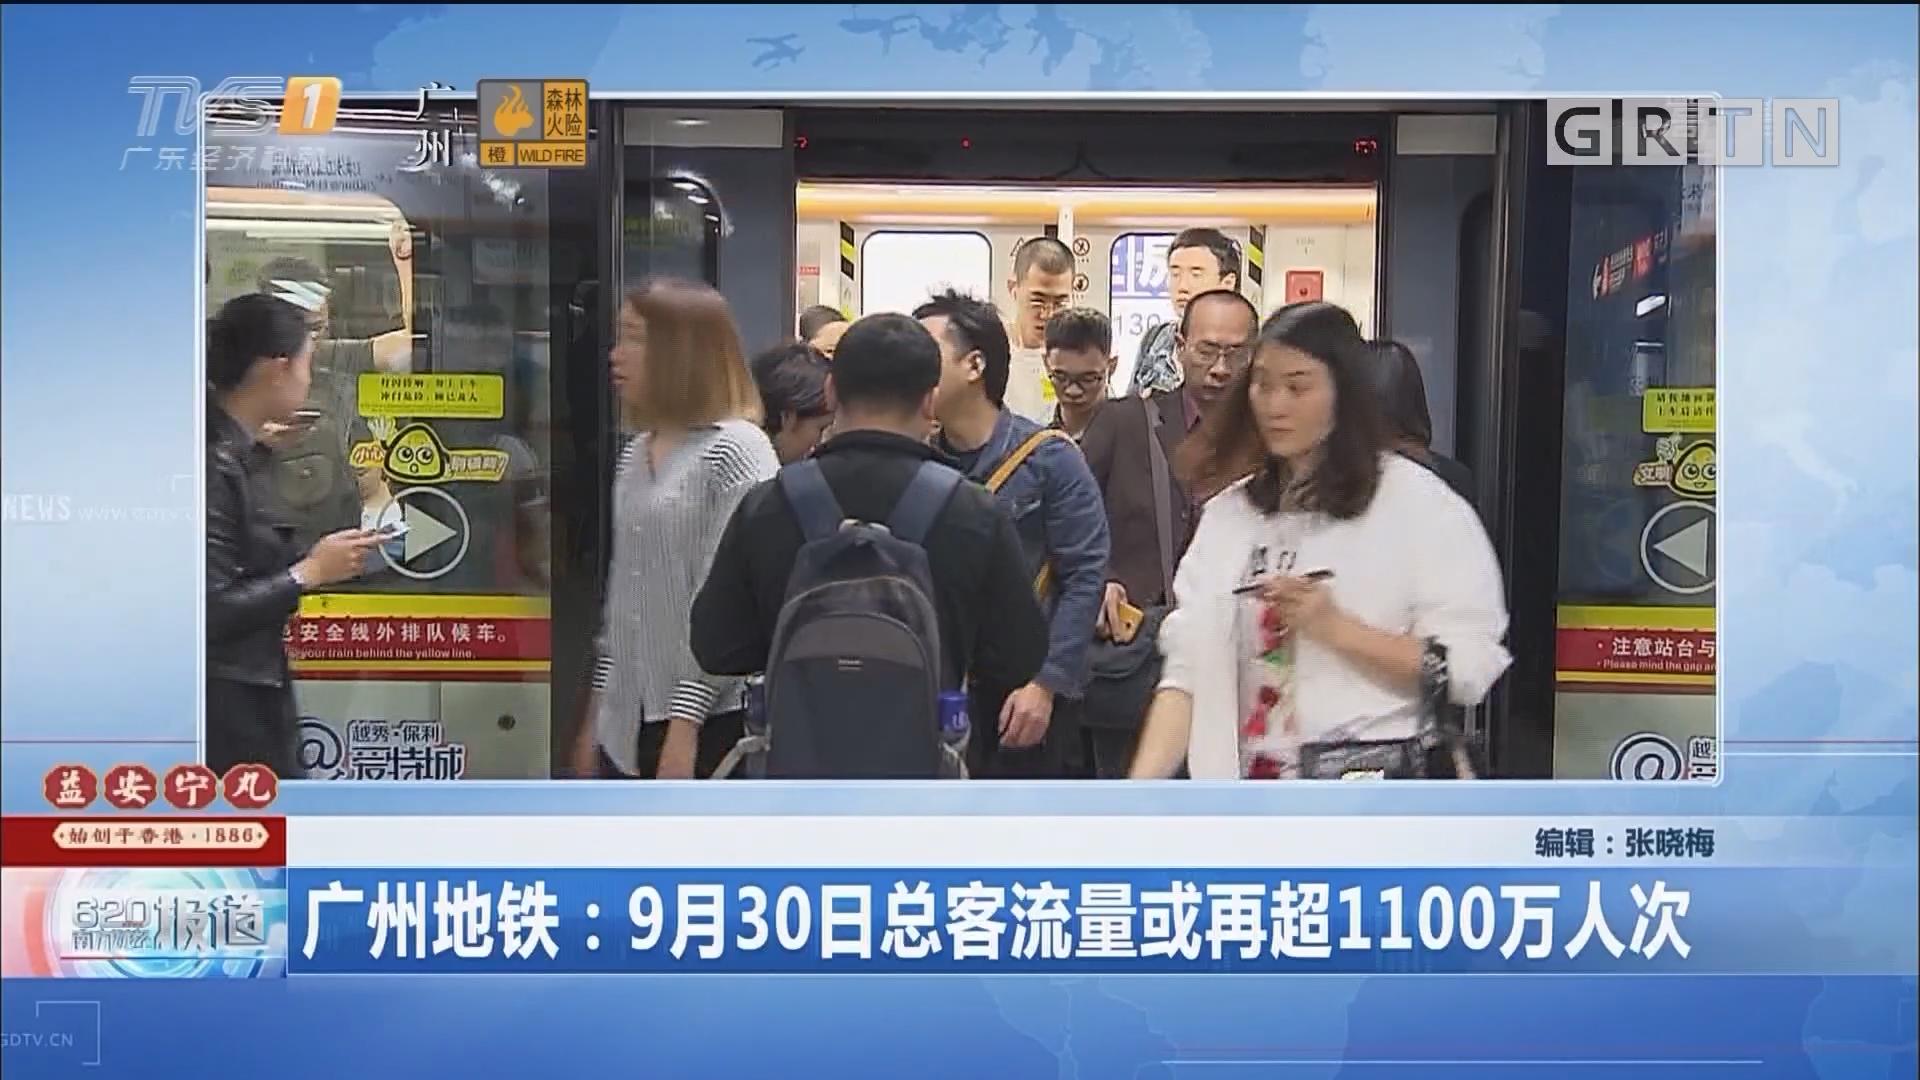 廣州地鐵:9月30日總客流量或再超1100萬人次